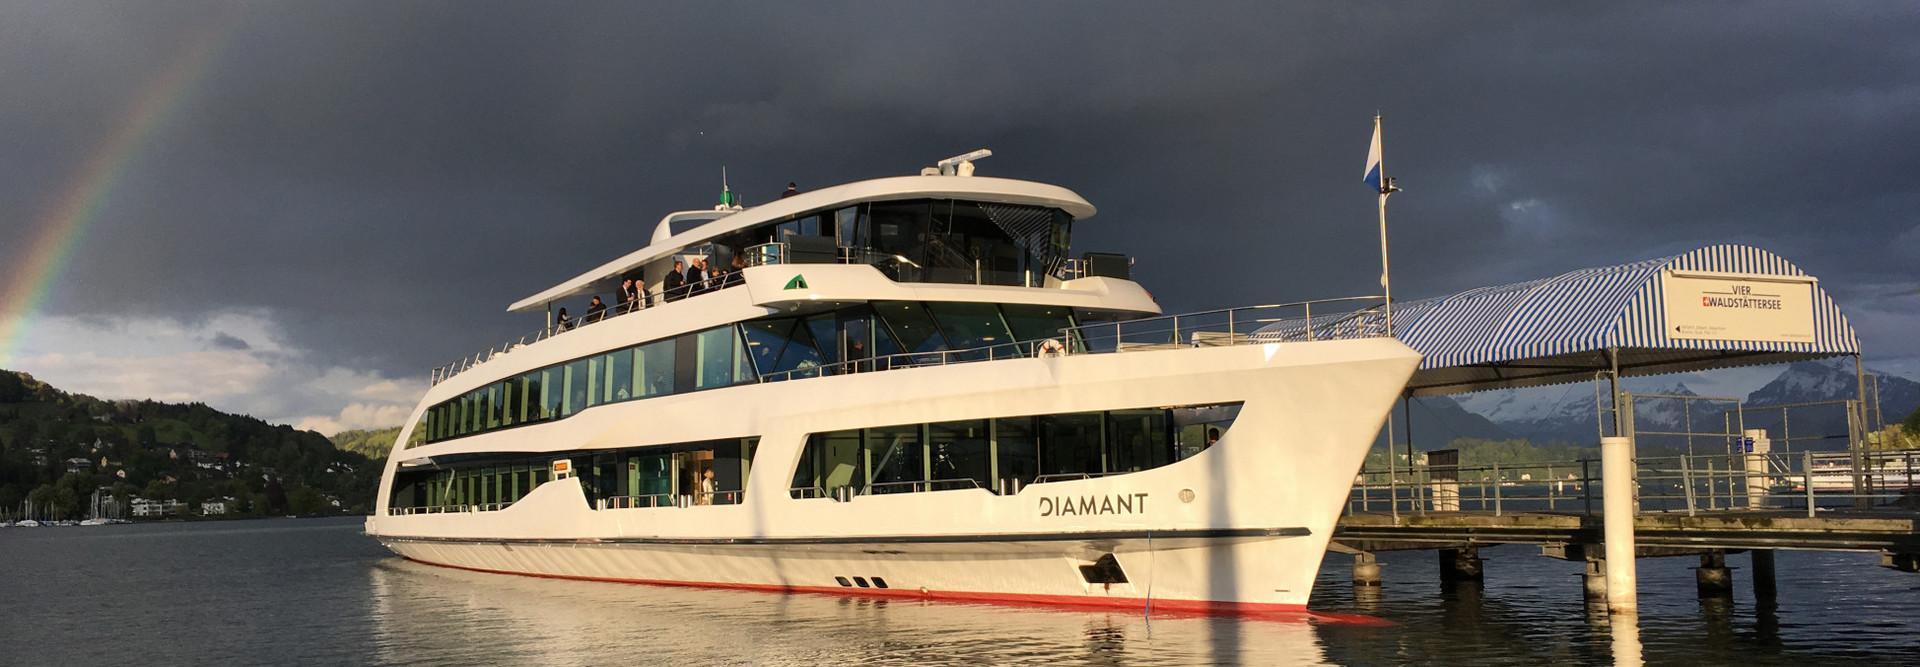 Das Motorschiff Diamant schwimmt am Steg. Im Hintergrund ist ein Regenbogen zu sehen.